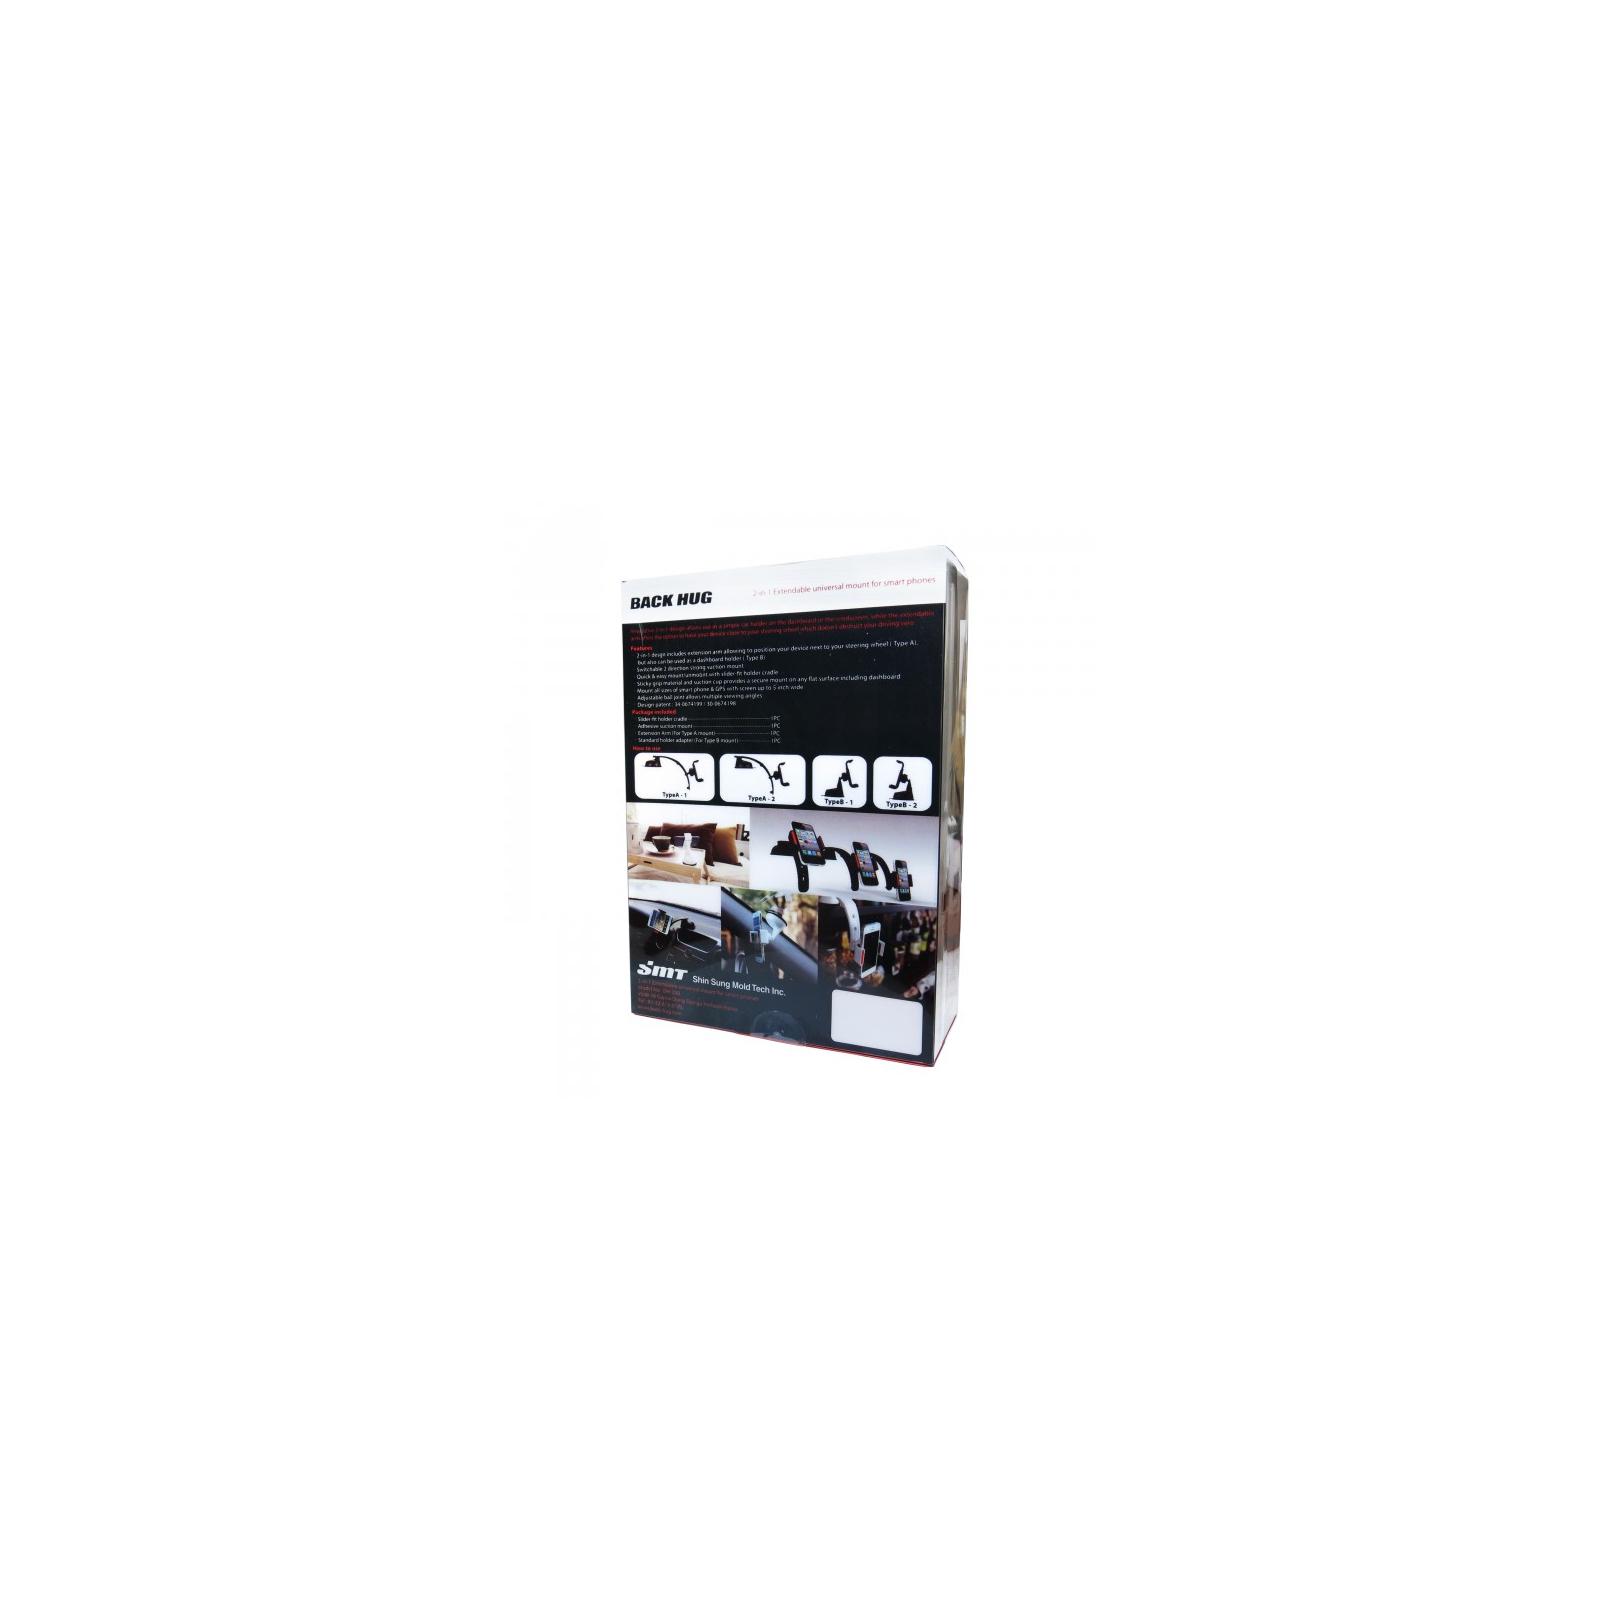 Универсальный автодержатель Back Hug BH200 (CRB4107) изображение 6